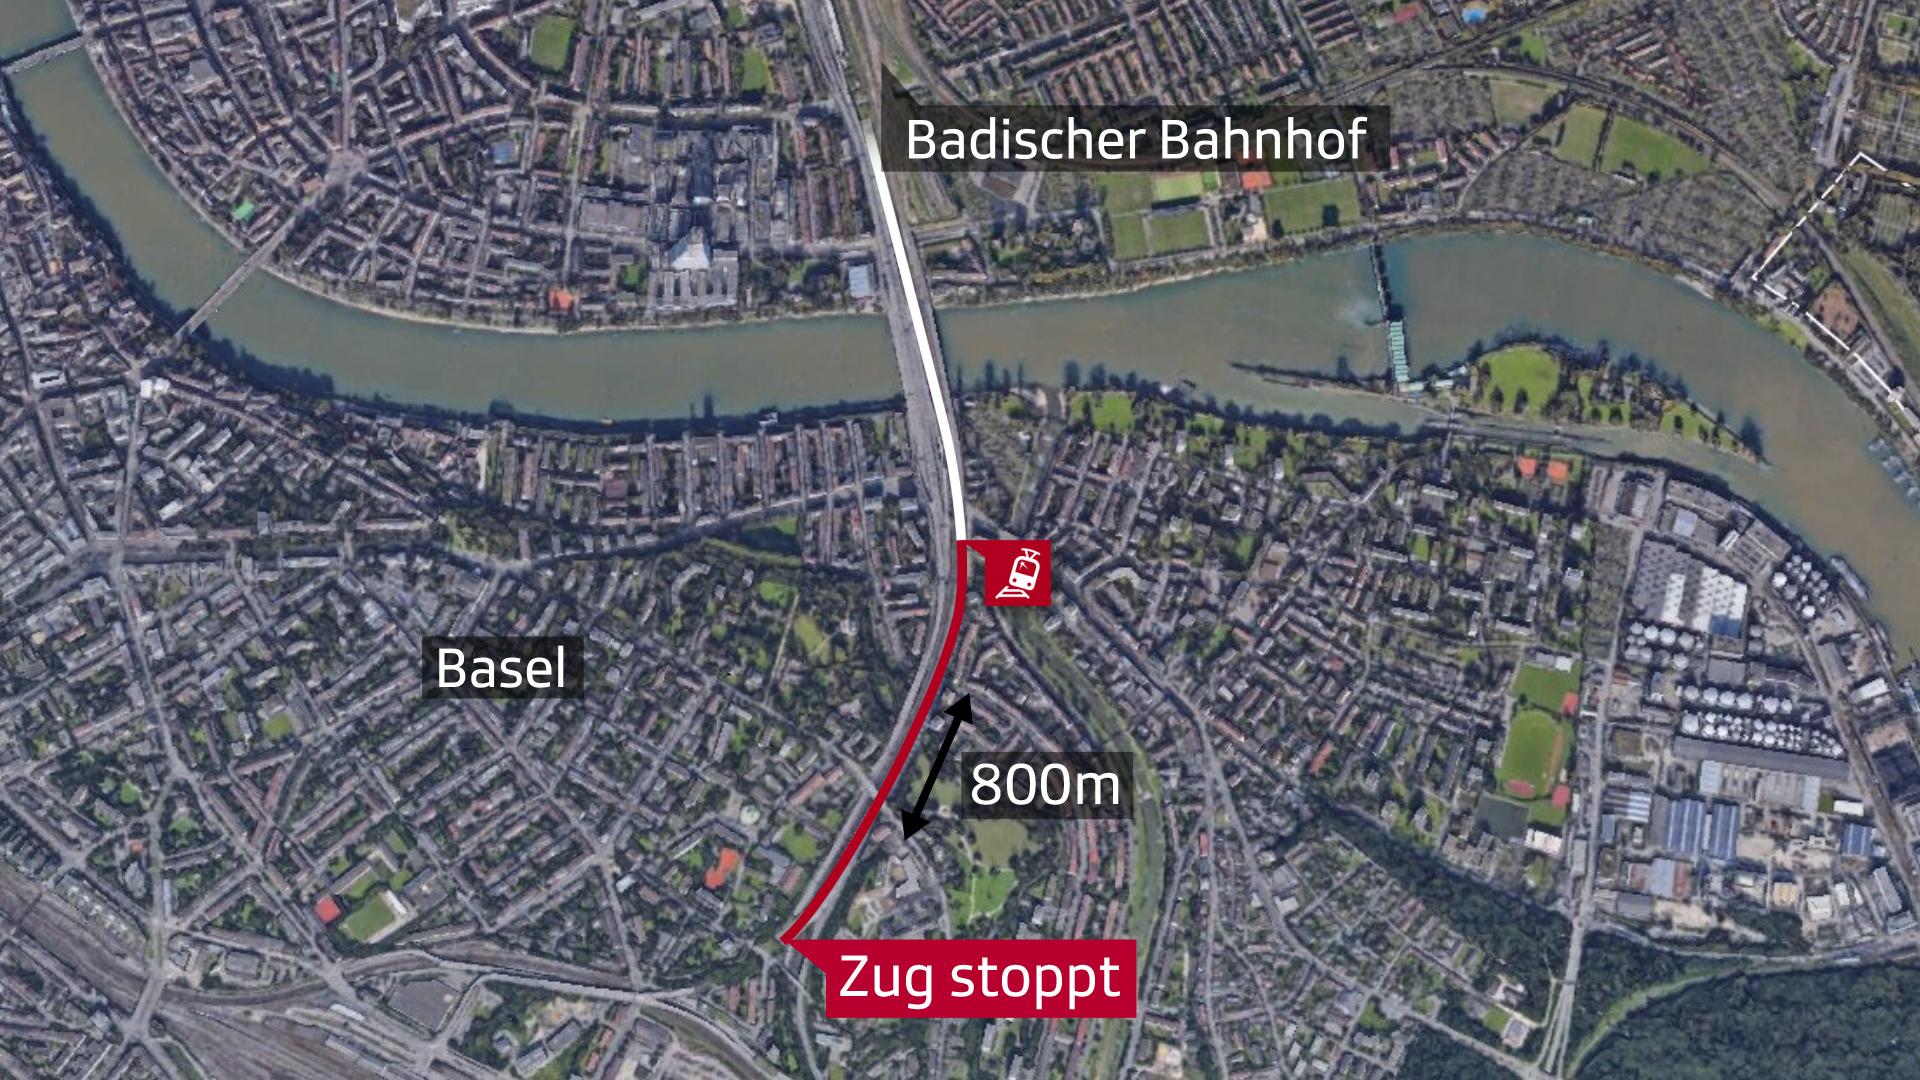 Luftbild von Basel mit Markierung auf Unfallort des ICE